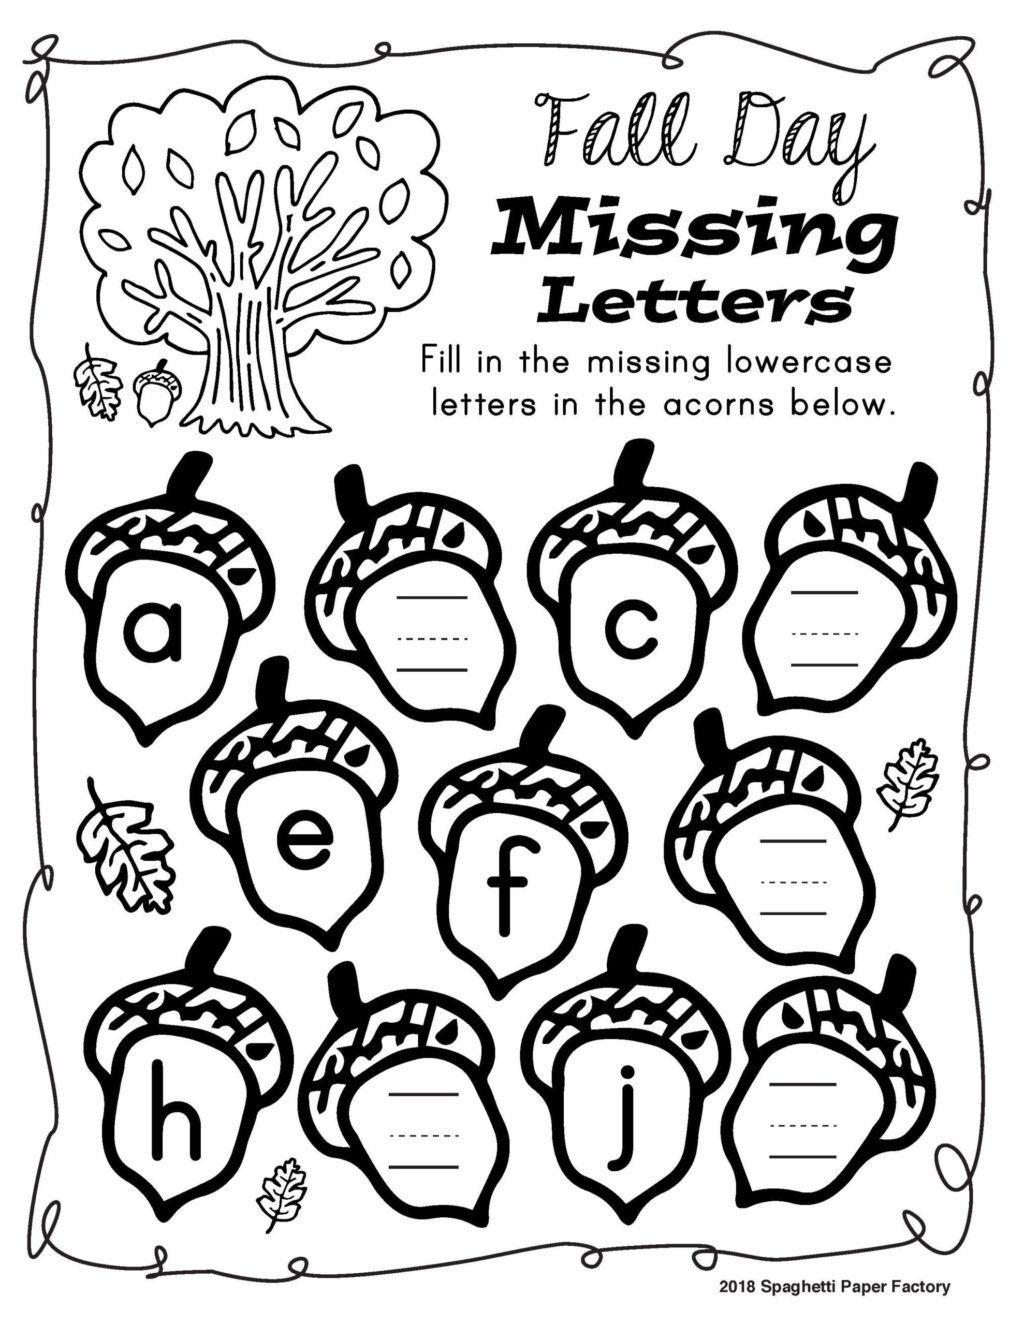 Free Halloween Worksheets For Kindergarten Worksheet Math Sheets Kindergarten Printable Add Halloween Worksheets Kindergarten Worksheets Halloween Kindergarten [ 1325 x 1024 Pixel ]